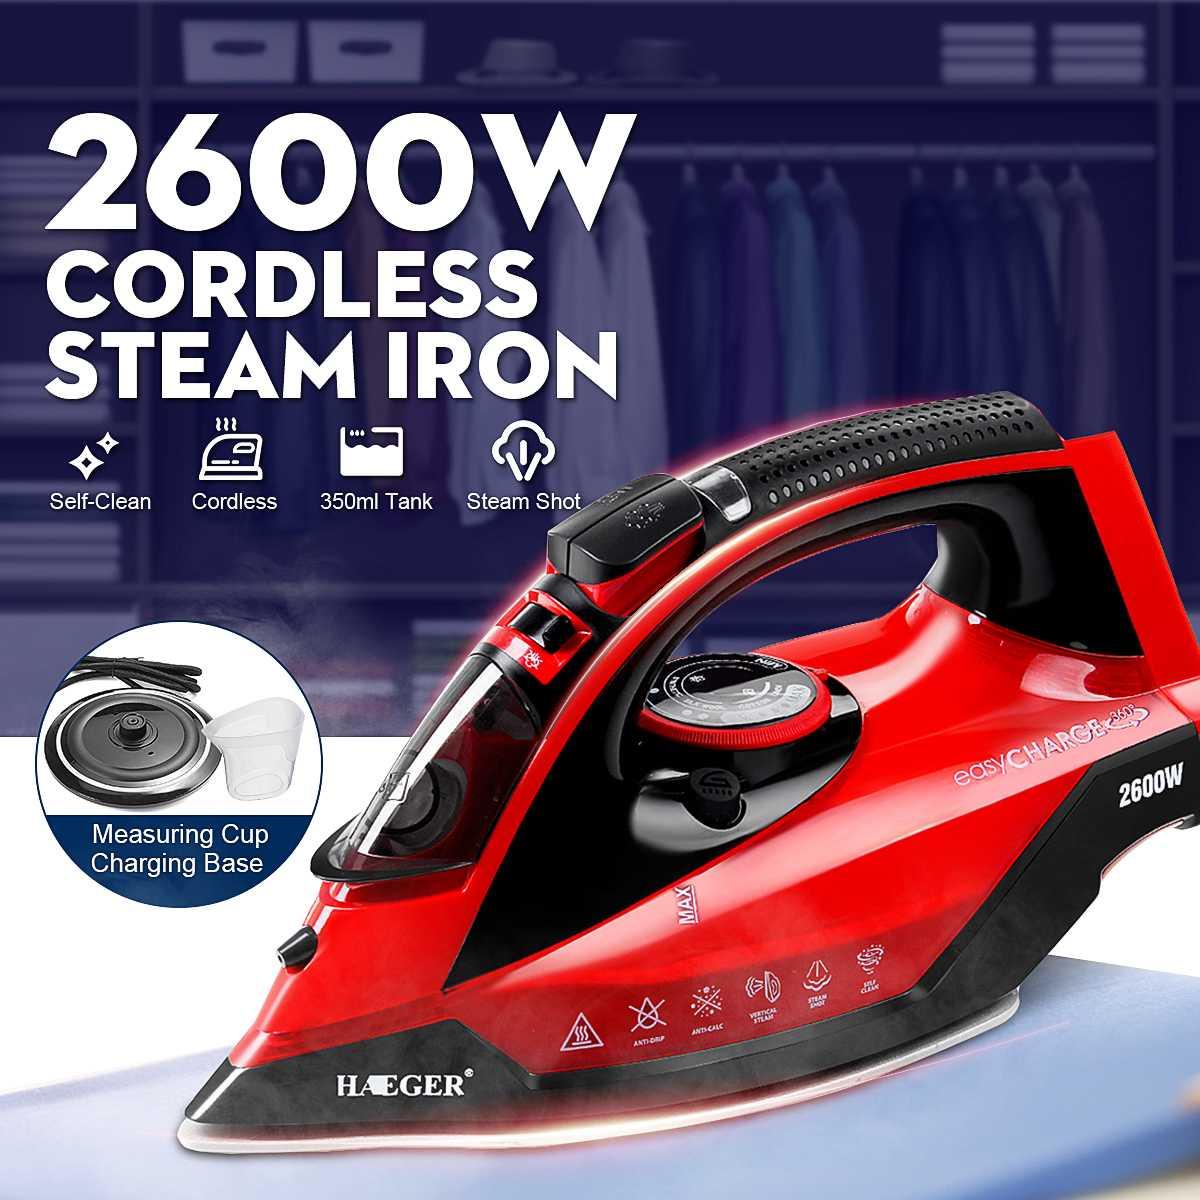 2600 واط المحمولة آلة تنظيف الملابس بالبخار الكهربائية الصغيرة 5 والعتاد البخار الحديد للملابس مكوّاة تعديل السيراميك soleboard الحديد